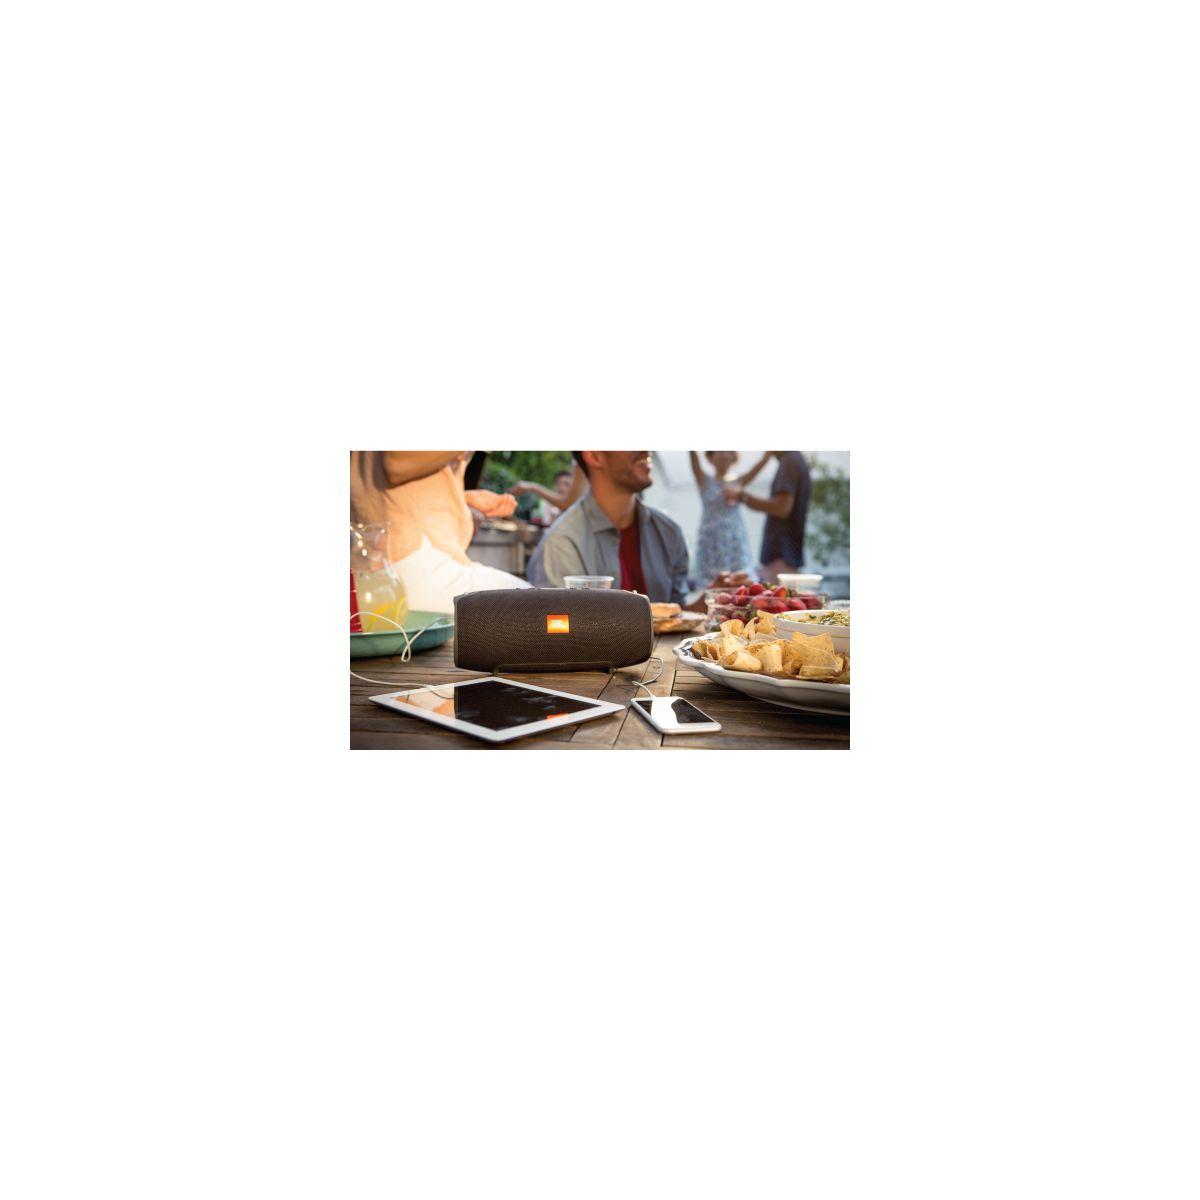 https://boulanger.scene7.com/is/image/Boulanger/6925281904578_h_z_l_4?hei=1200&wid=1200